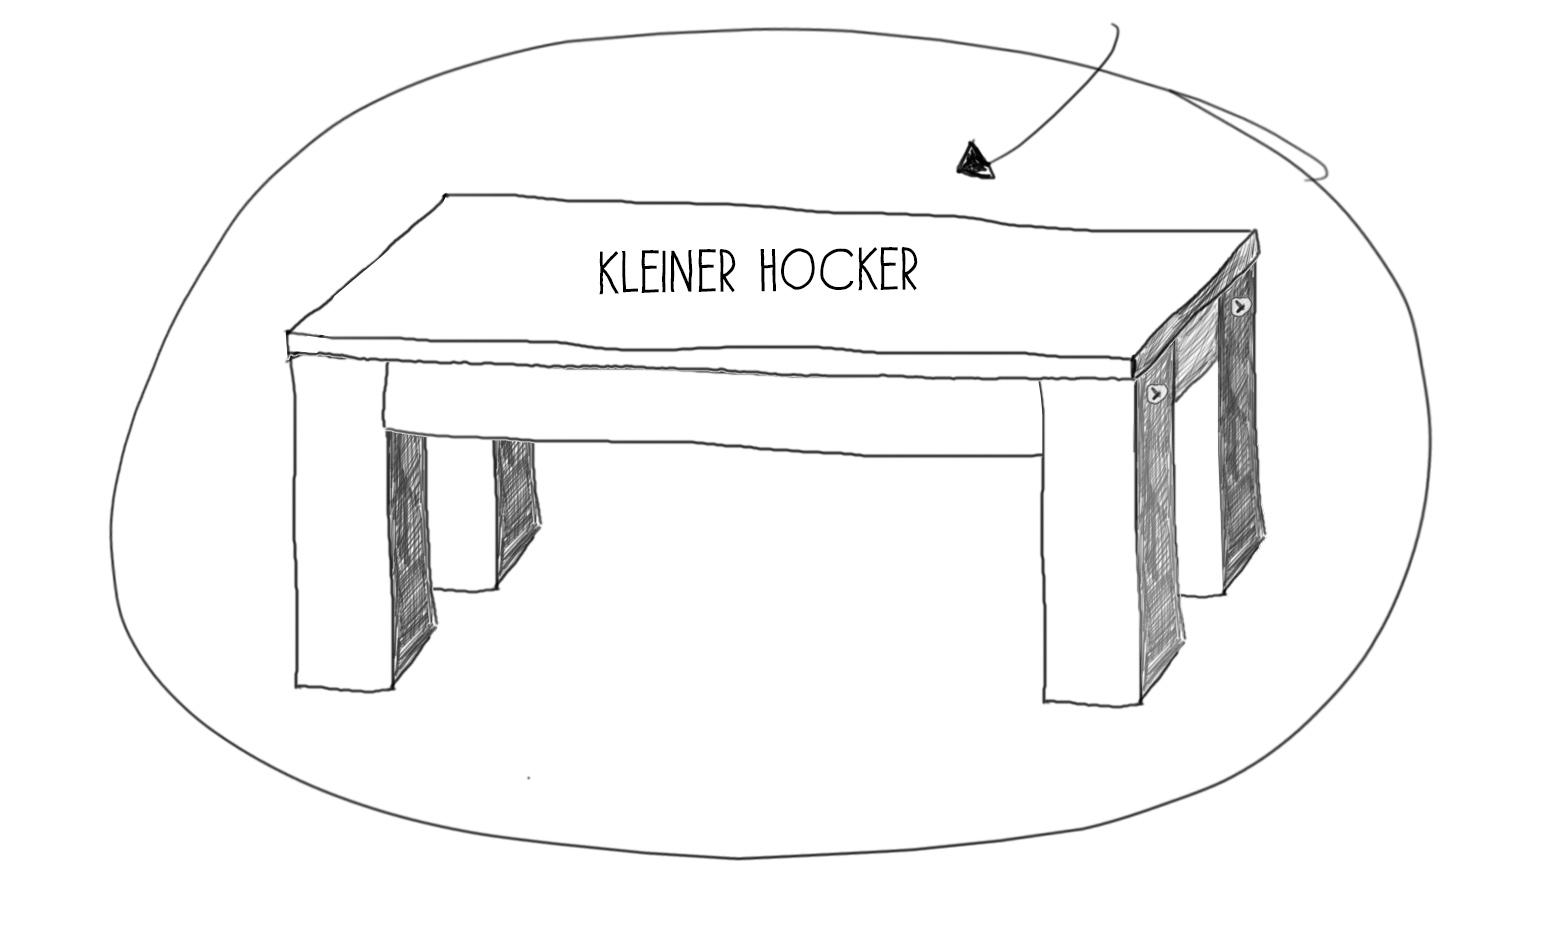 Kinderhocker - Kindertritt - selber bauen - Bauanleitung kleiner Hocker - kleine Geschichte